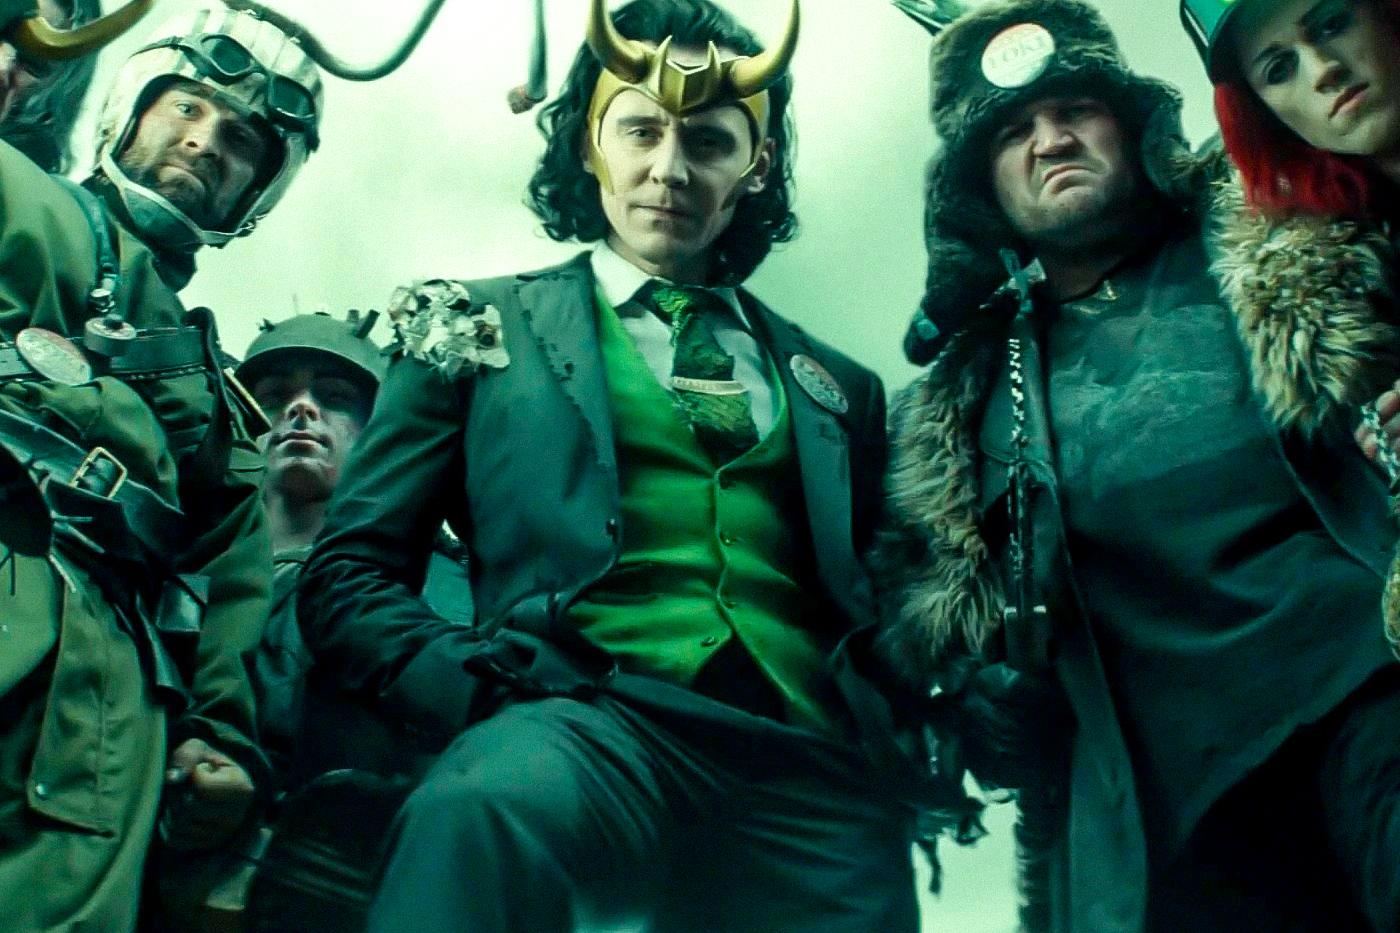 《洛基 Loki》第六集成为收视率最高 Marvel 影集最终集